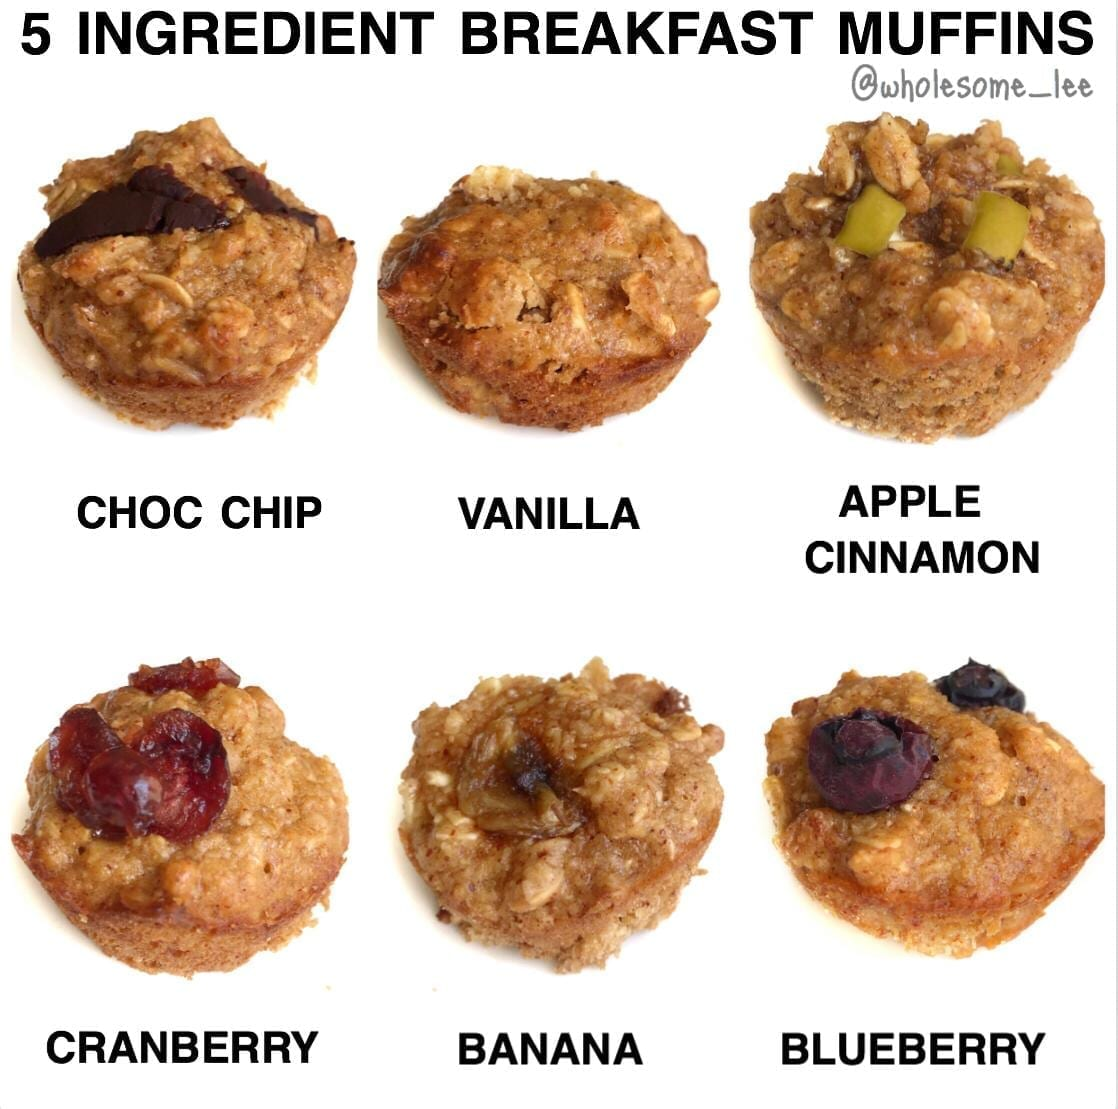 5 Ingredient Breakfast Muffins